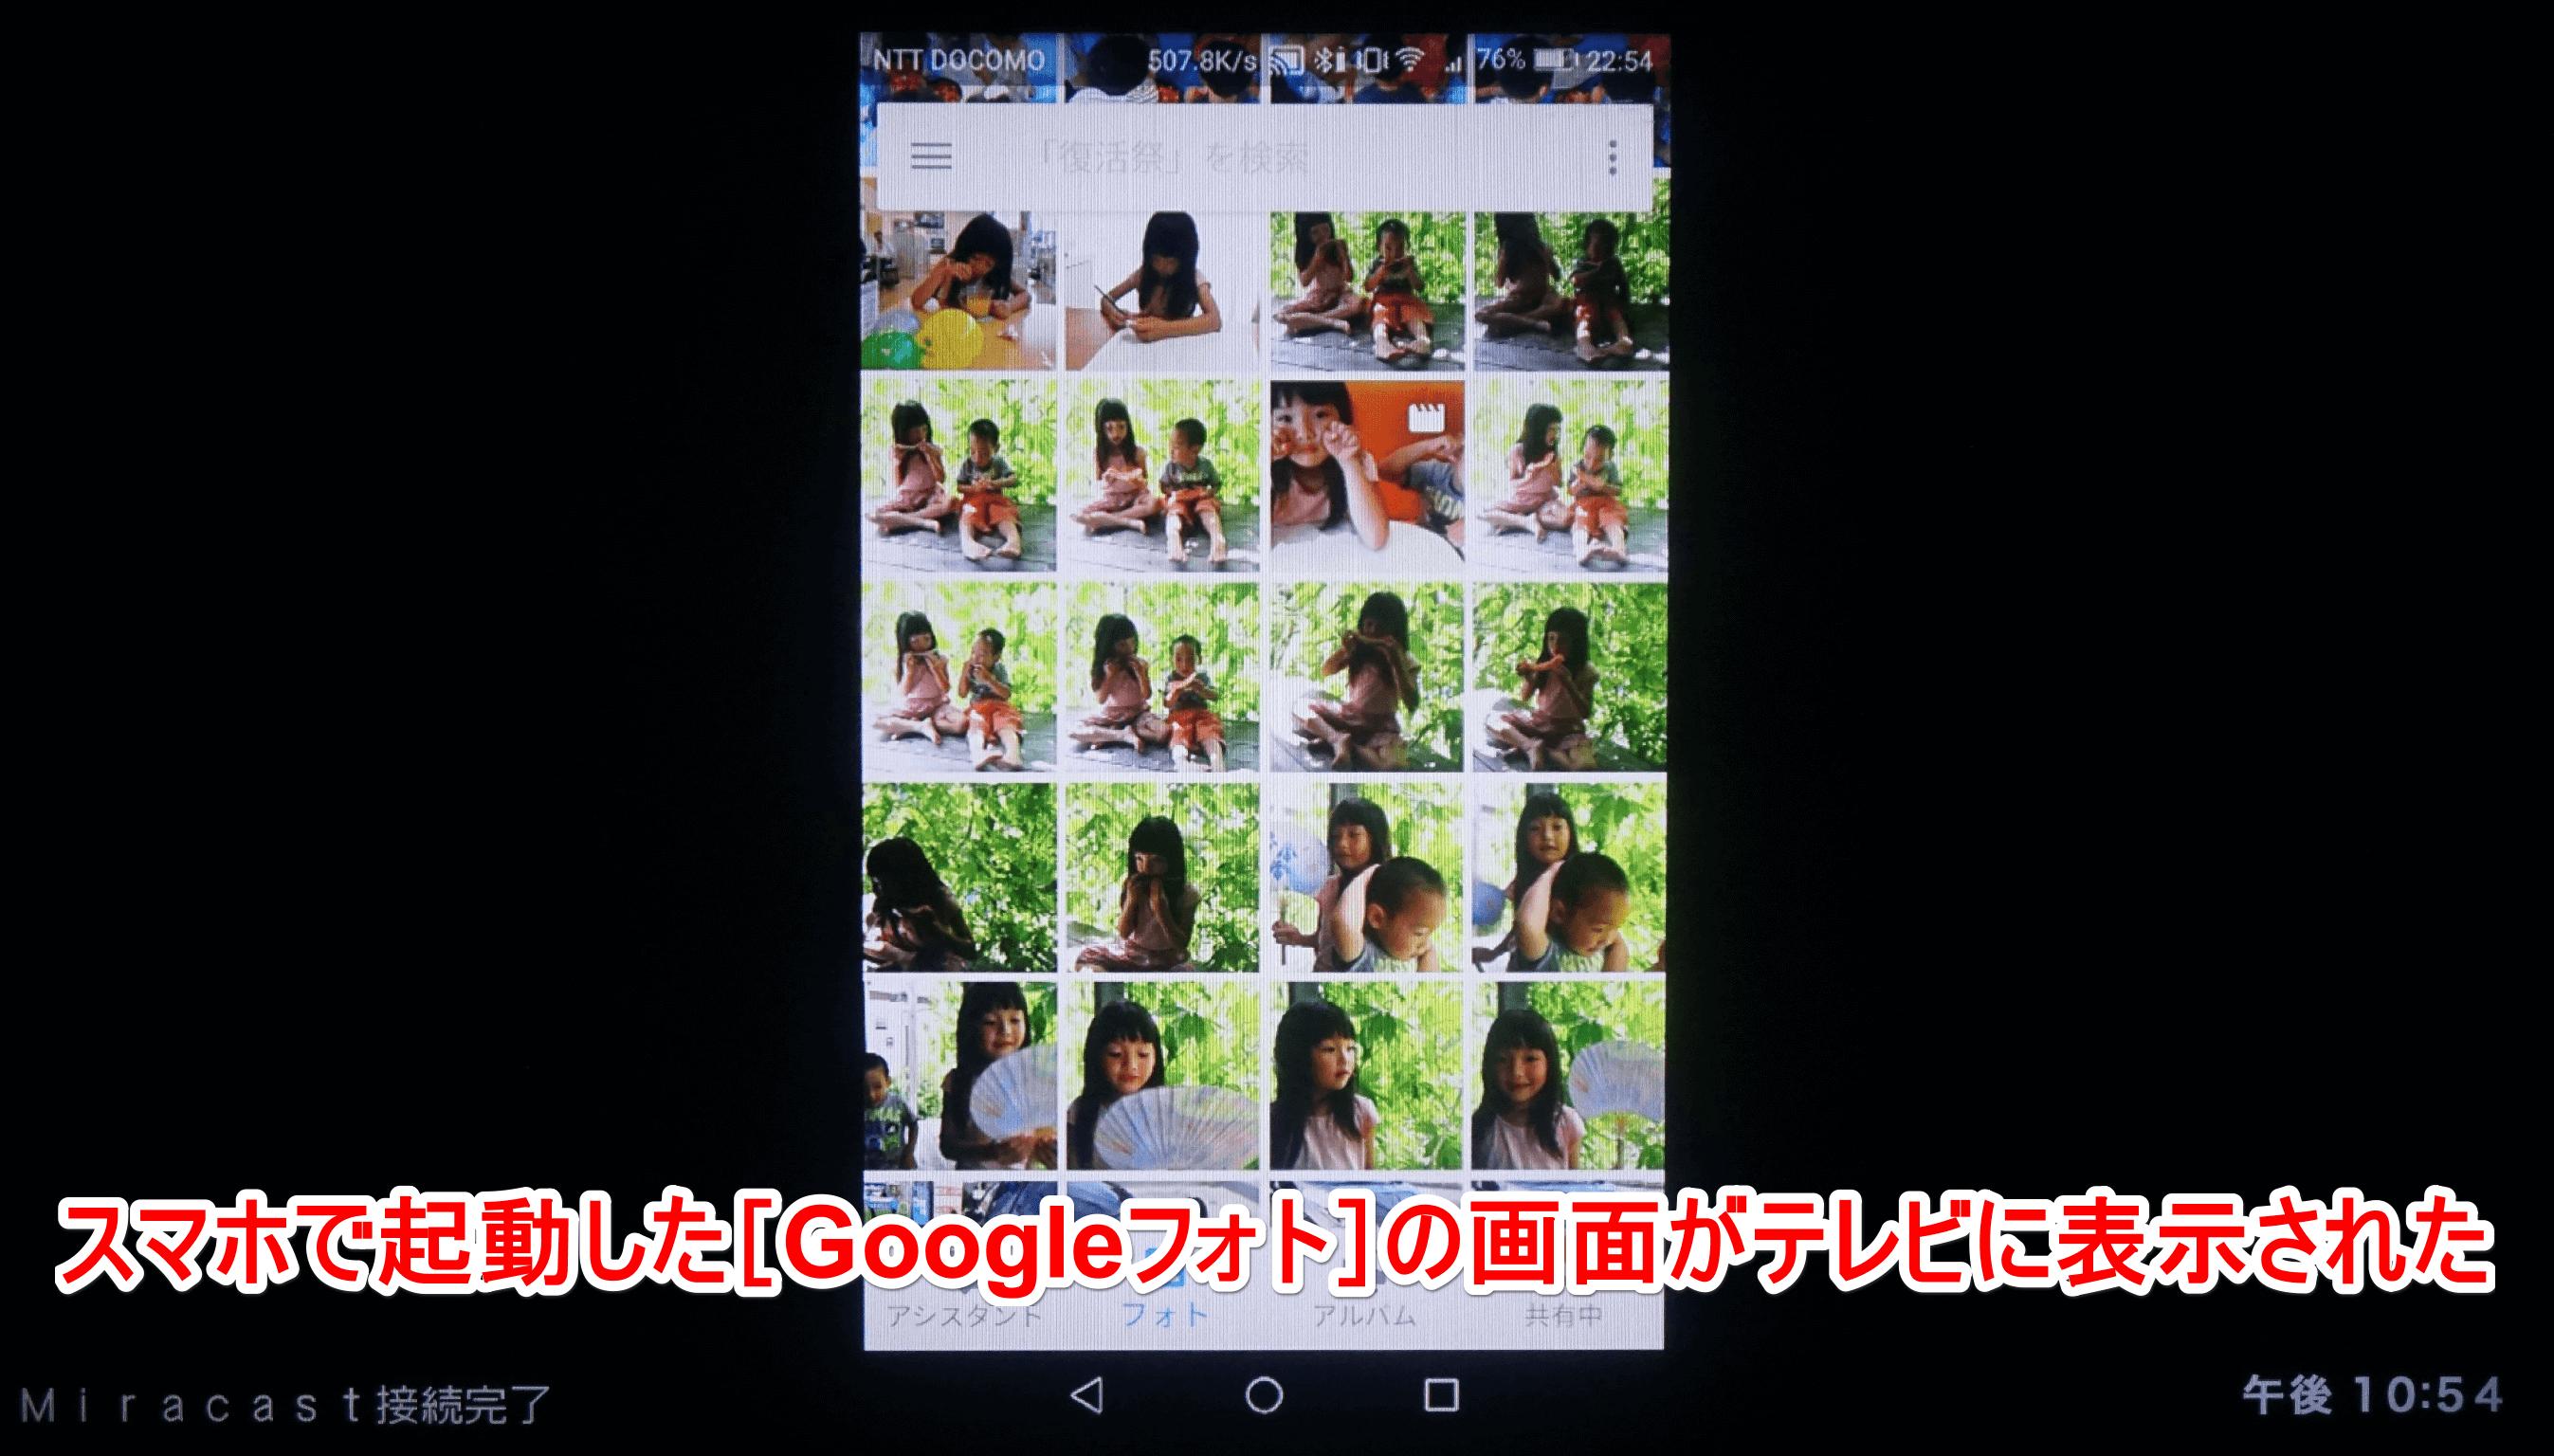 Android(アンドロイド)スマートフォンのグーグルフォトをテレビに映した画面